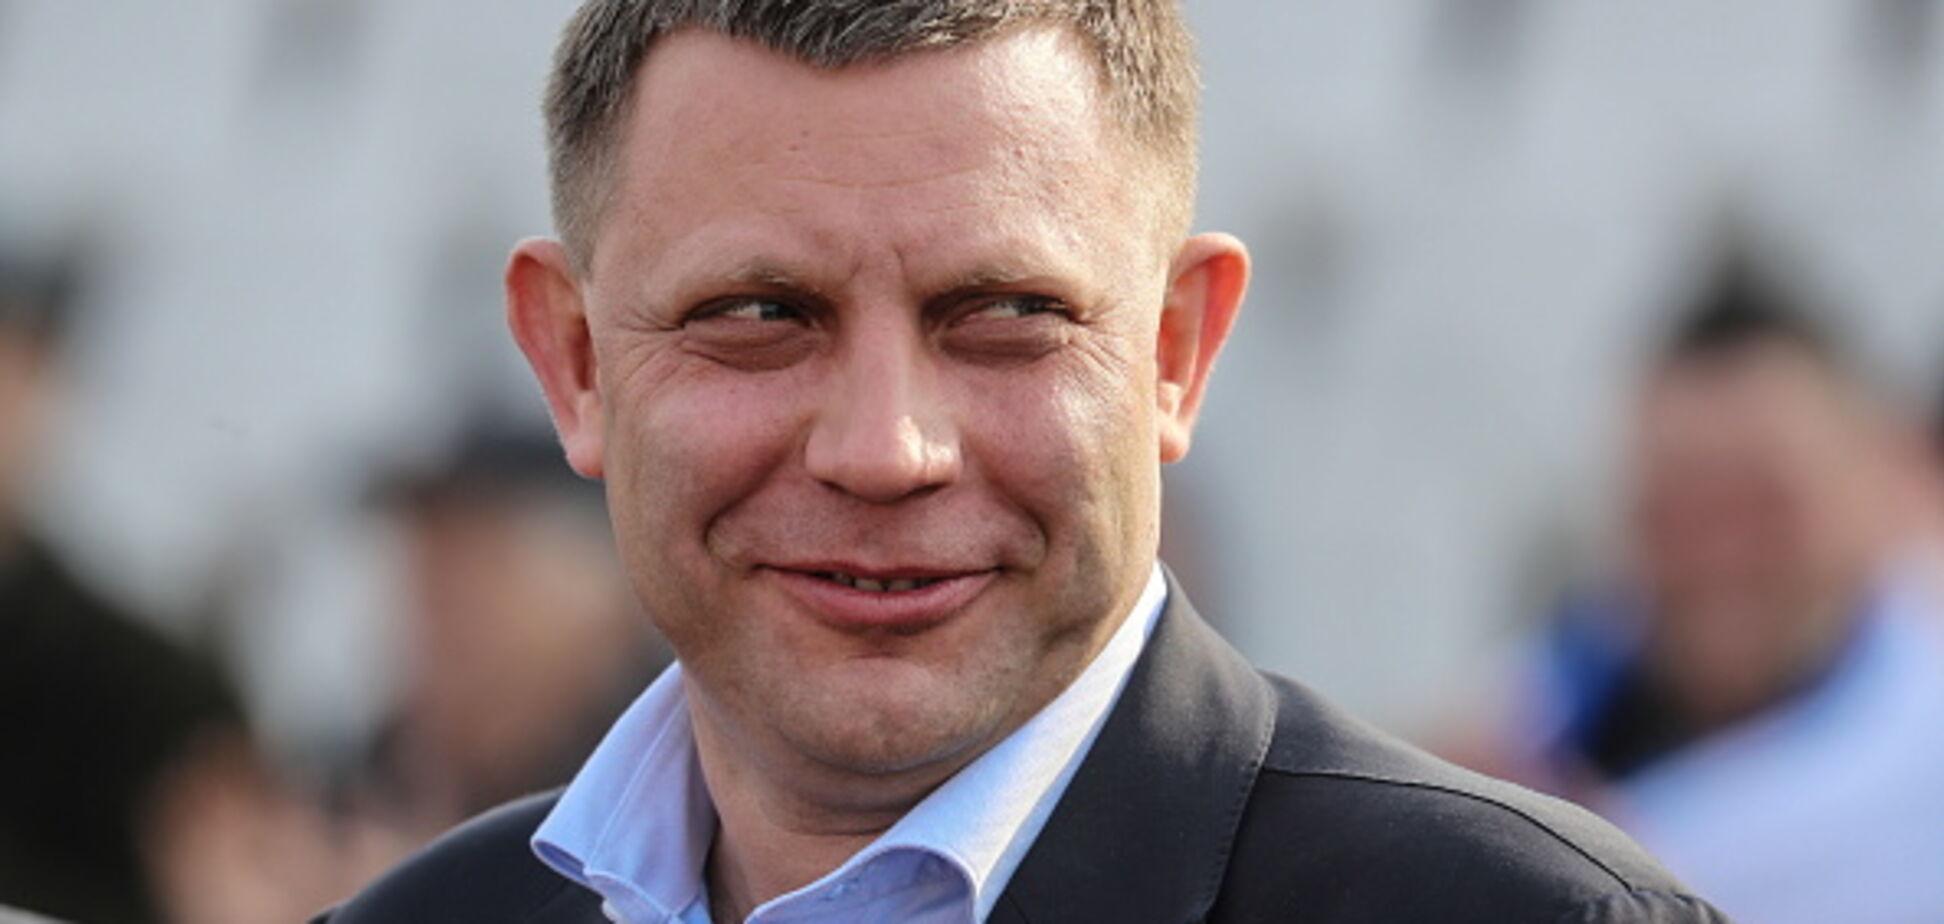 'Малоросія скасовується': одкровення ватажка 'ДНР' викликало істерику в мережі